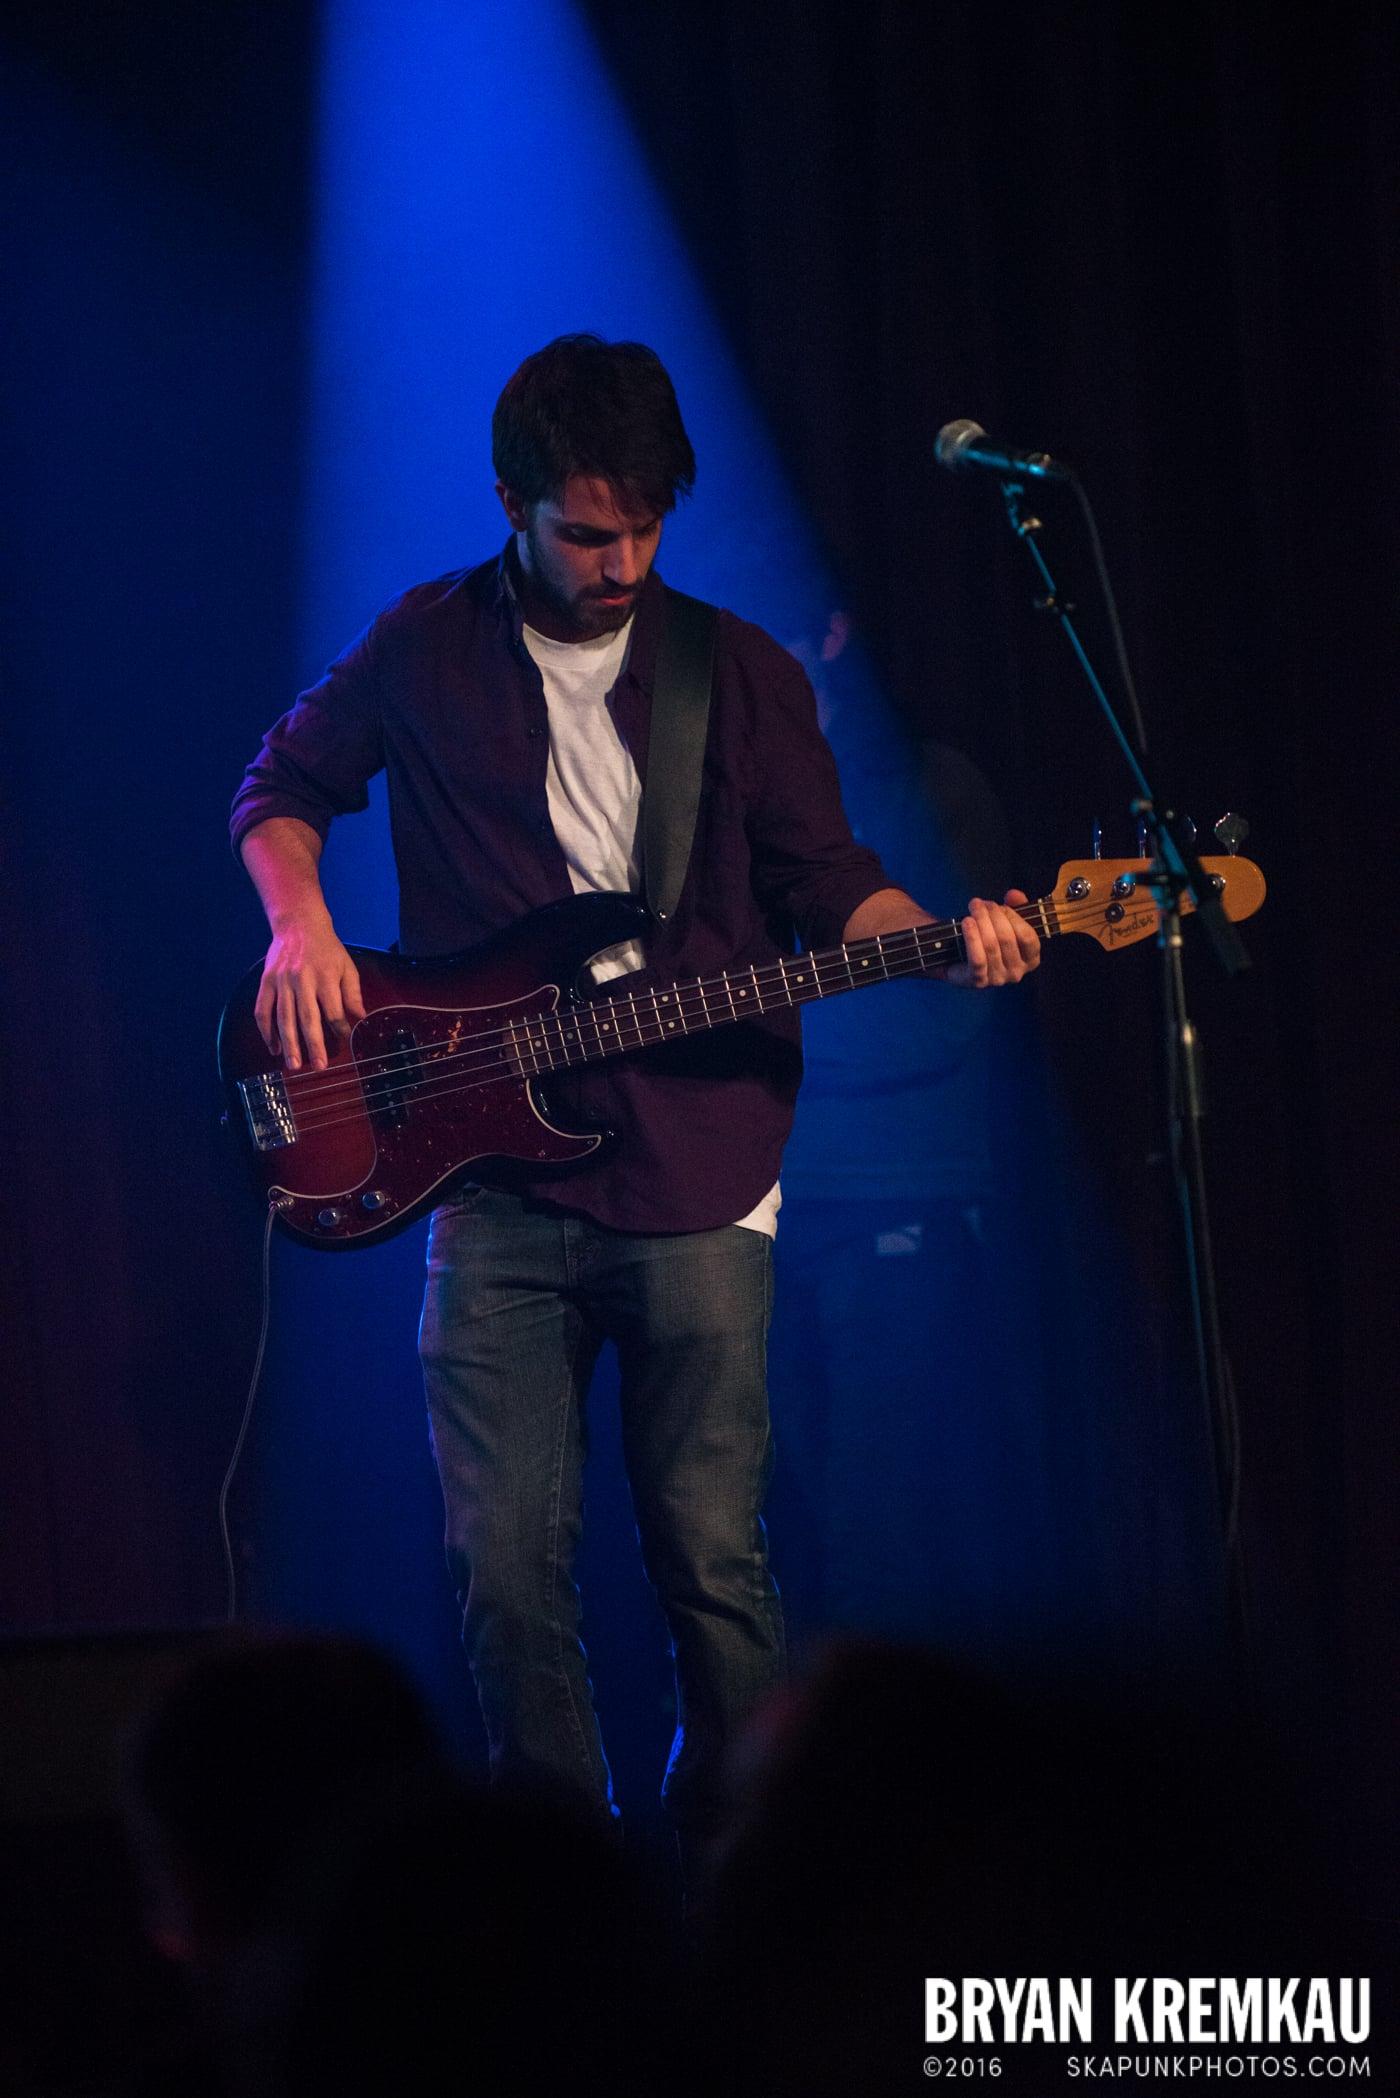 Matt Butler @ Highline Ballroom, NYC - 12.26.14 (1)